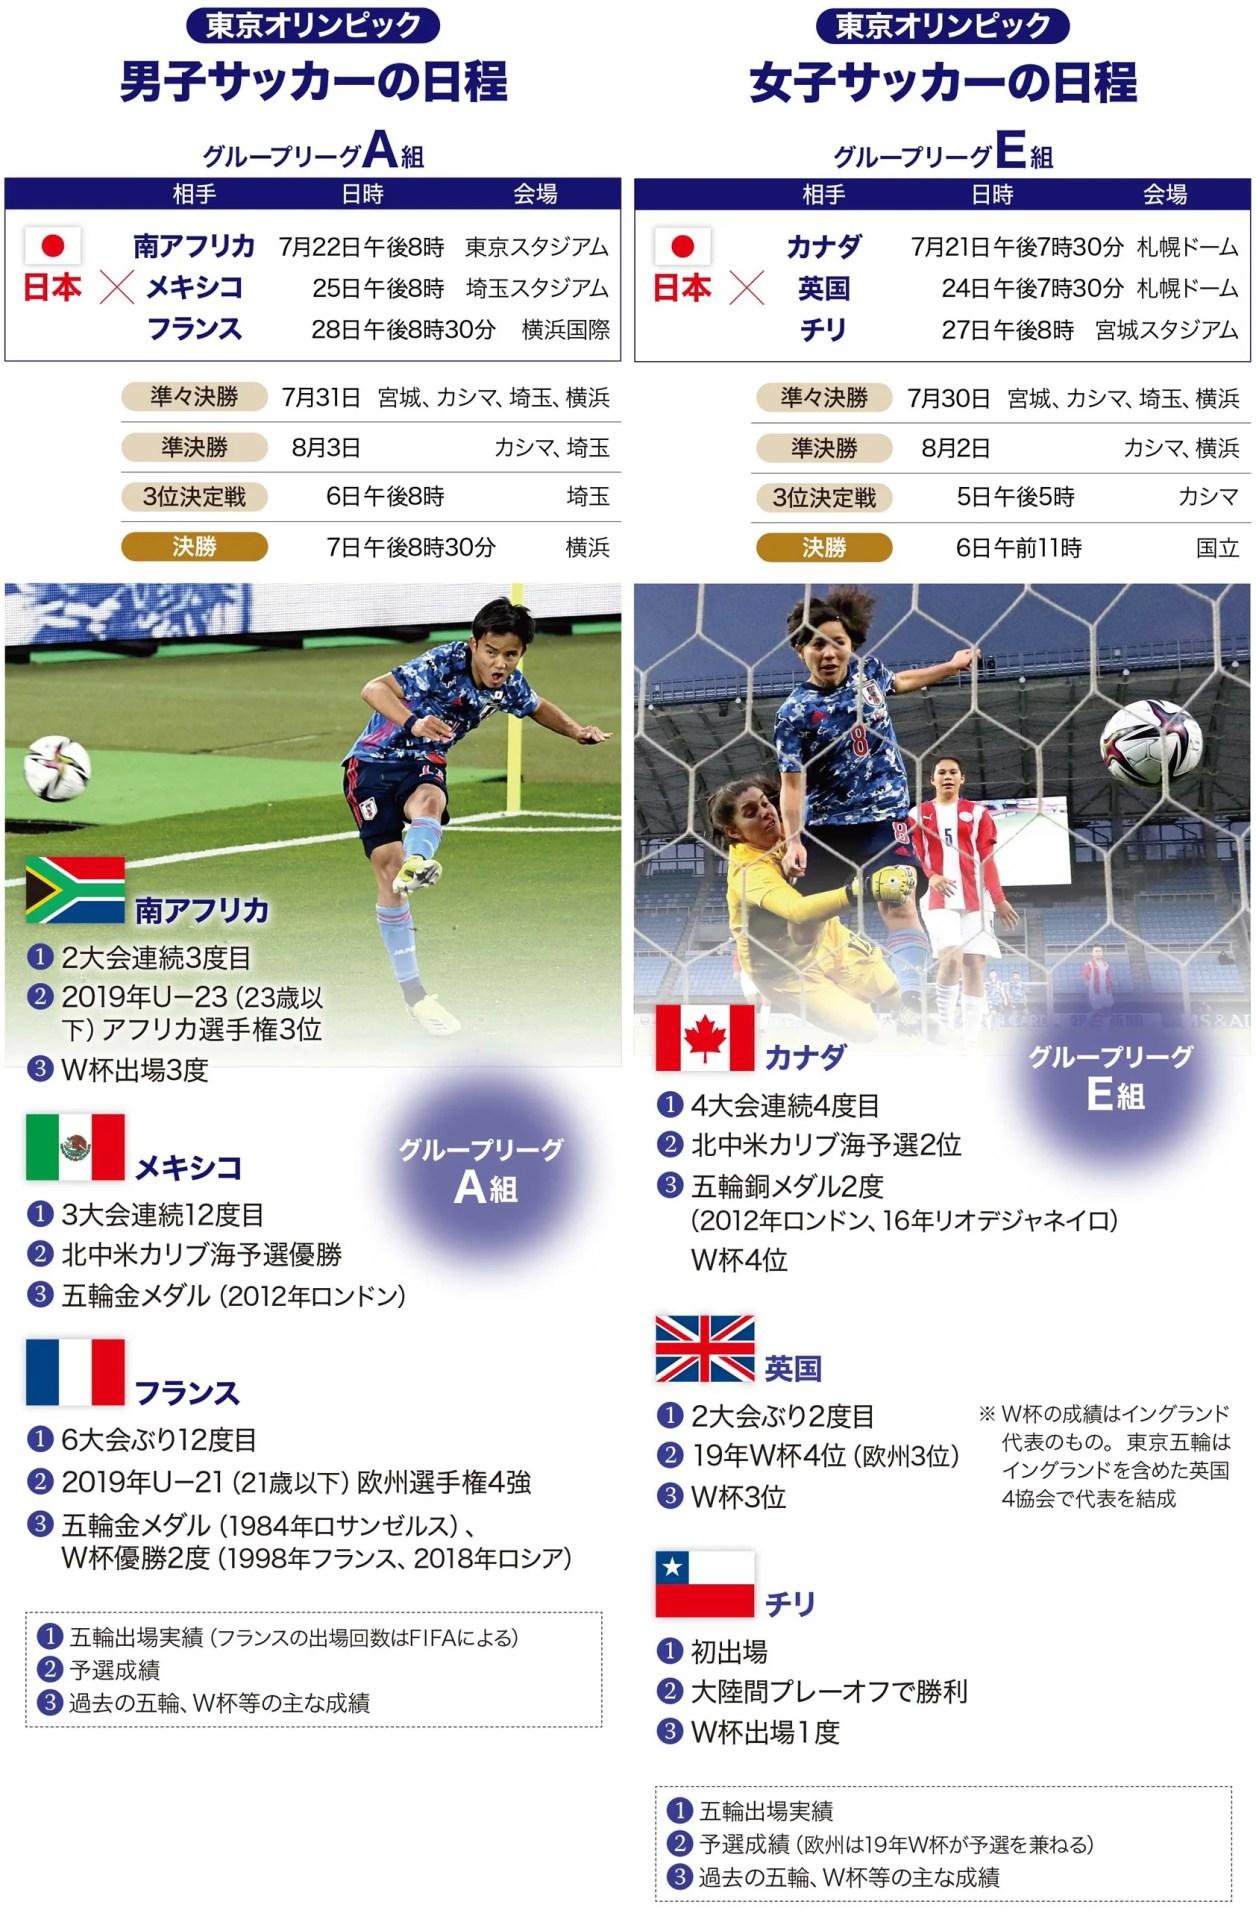 東京オリンピック・日本サッカーの日程 : 東京オリンピック2020速報 : オリンピック・パラリンピック : 読売新聞オンライン